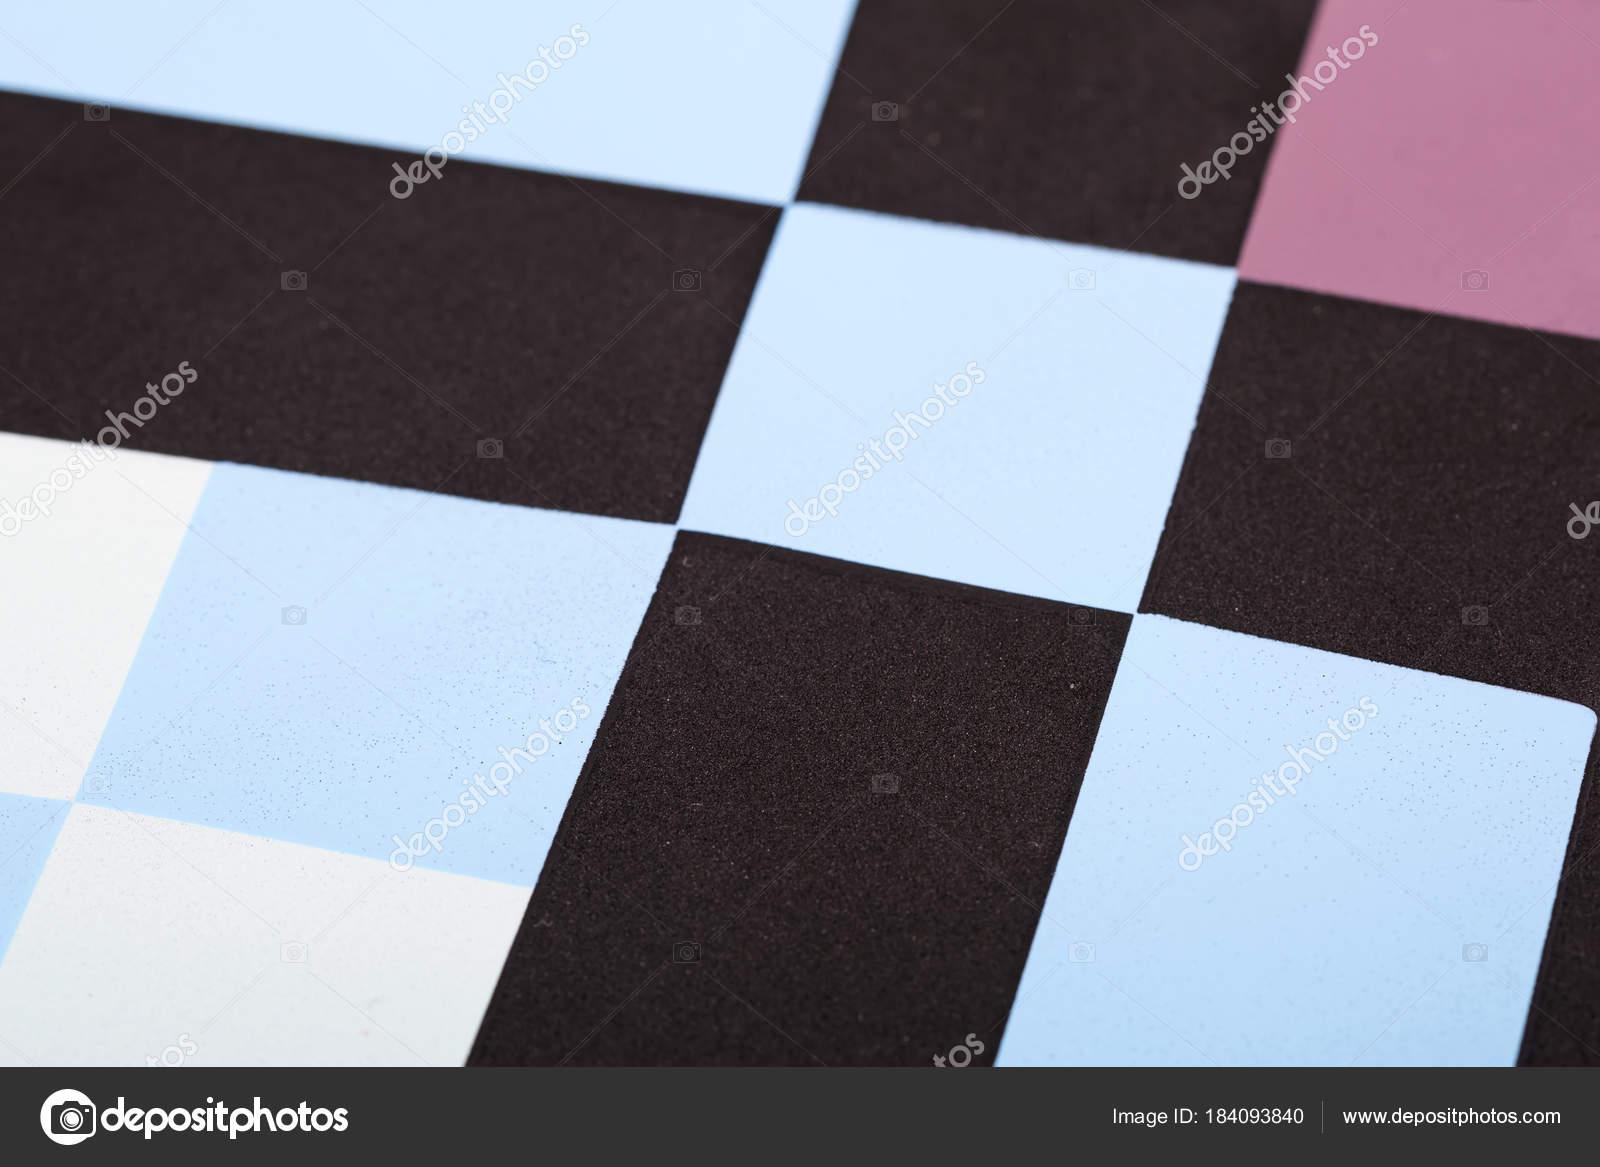 Minecraft Diamant Schwert Hintergrund Redaktionelles Stockfoto